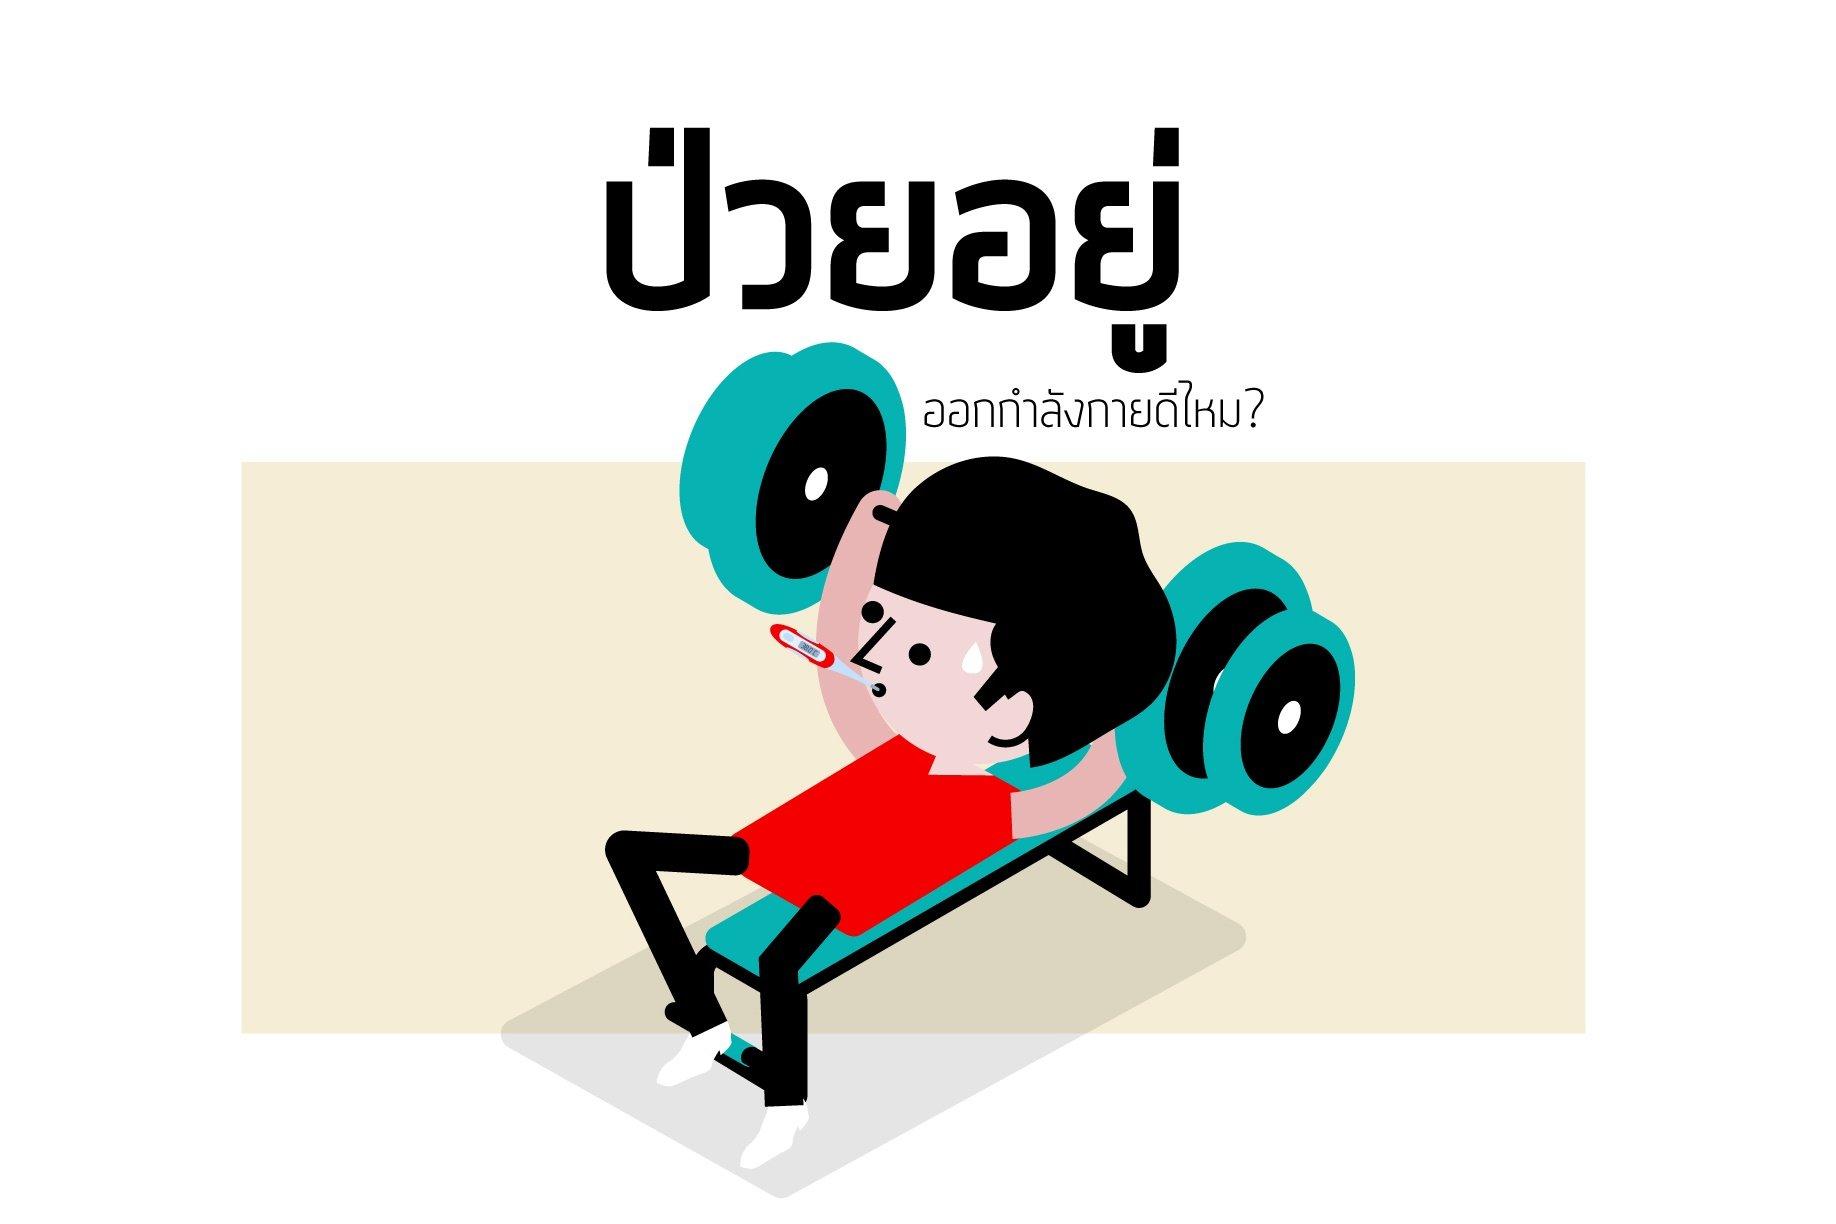 ป่วยอยู่ ออกกำลังกายดีไหม? thaihealth